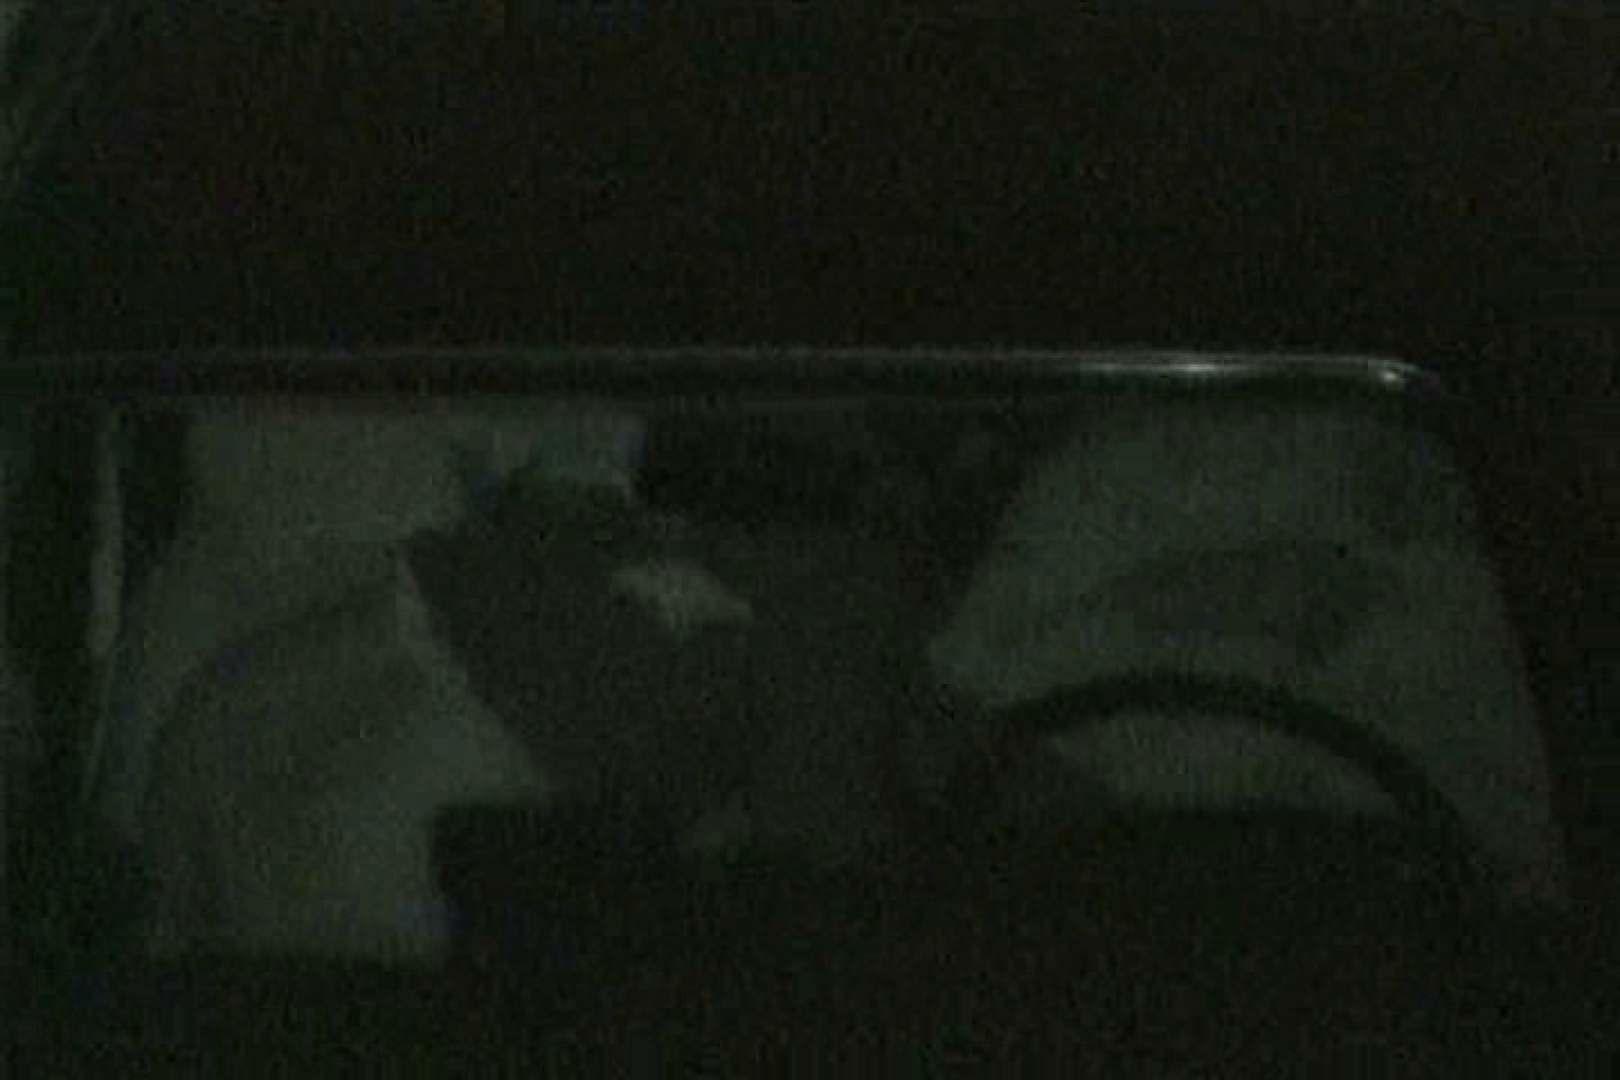 車の中はラブホテル 無修正版  Vol.8 セックス おまんこ無修正動画無料 102PIX 75